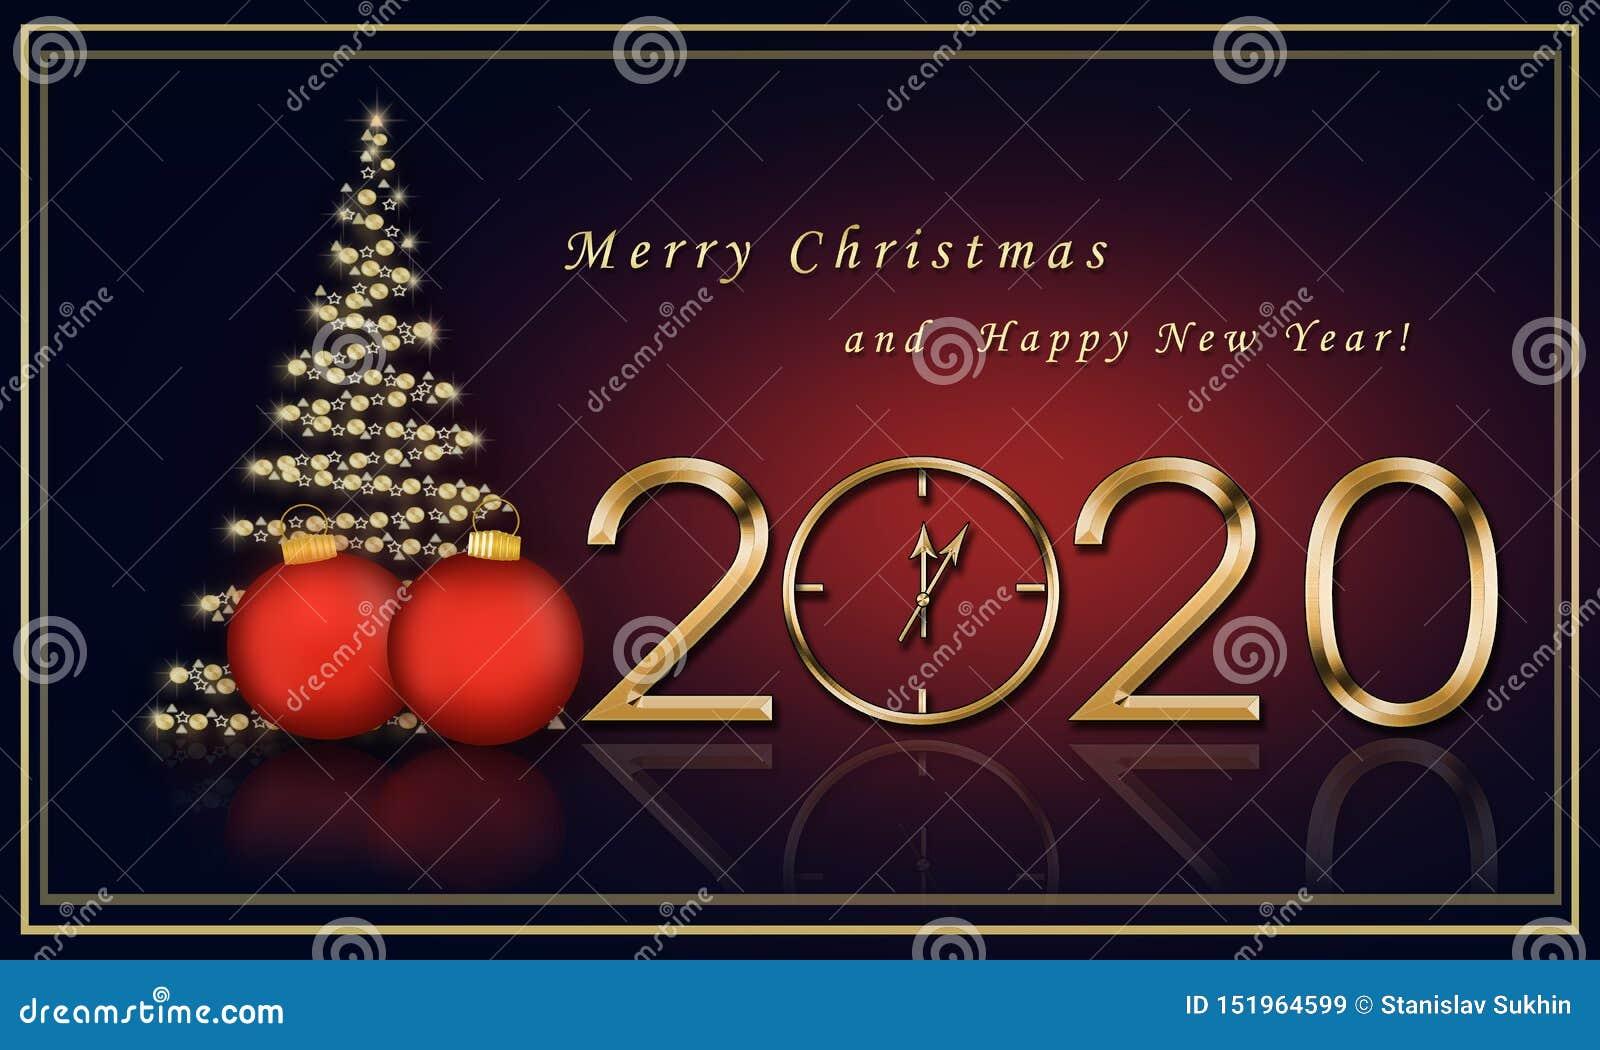 Christmas Card 2020 With A Christmas Tree Stock ...